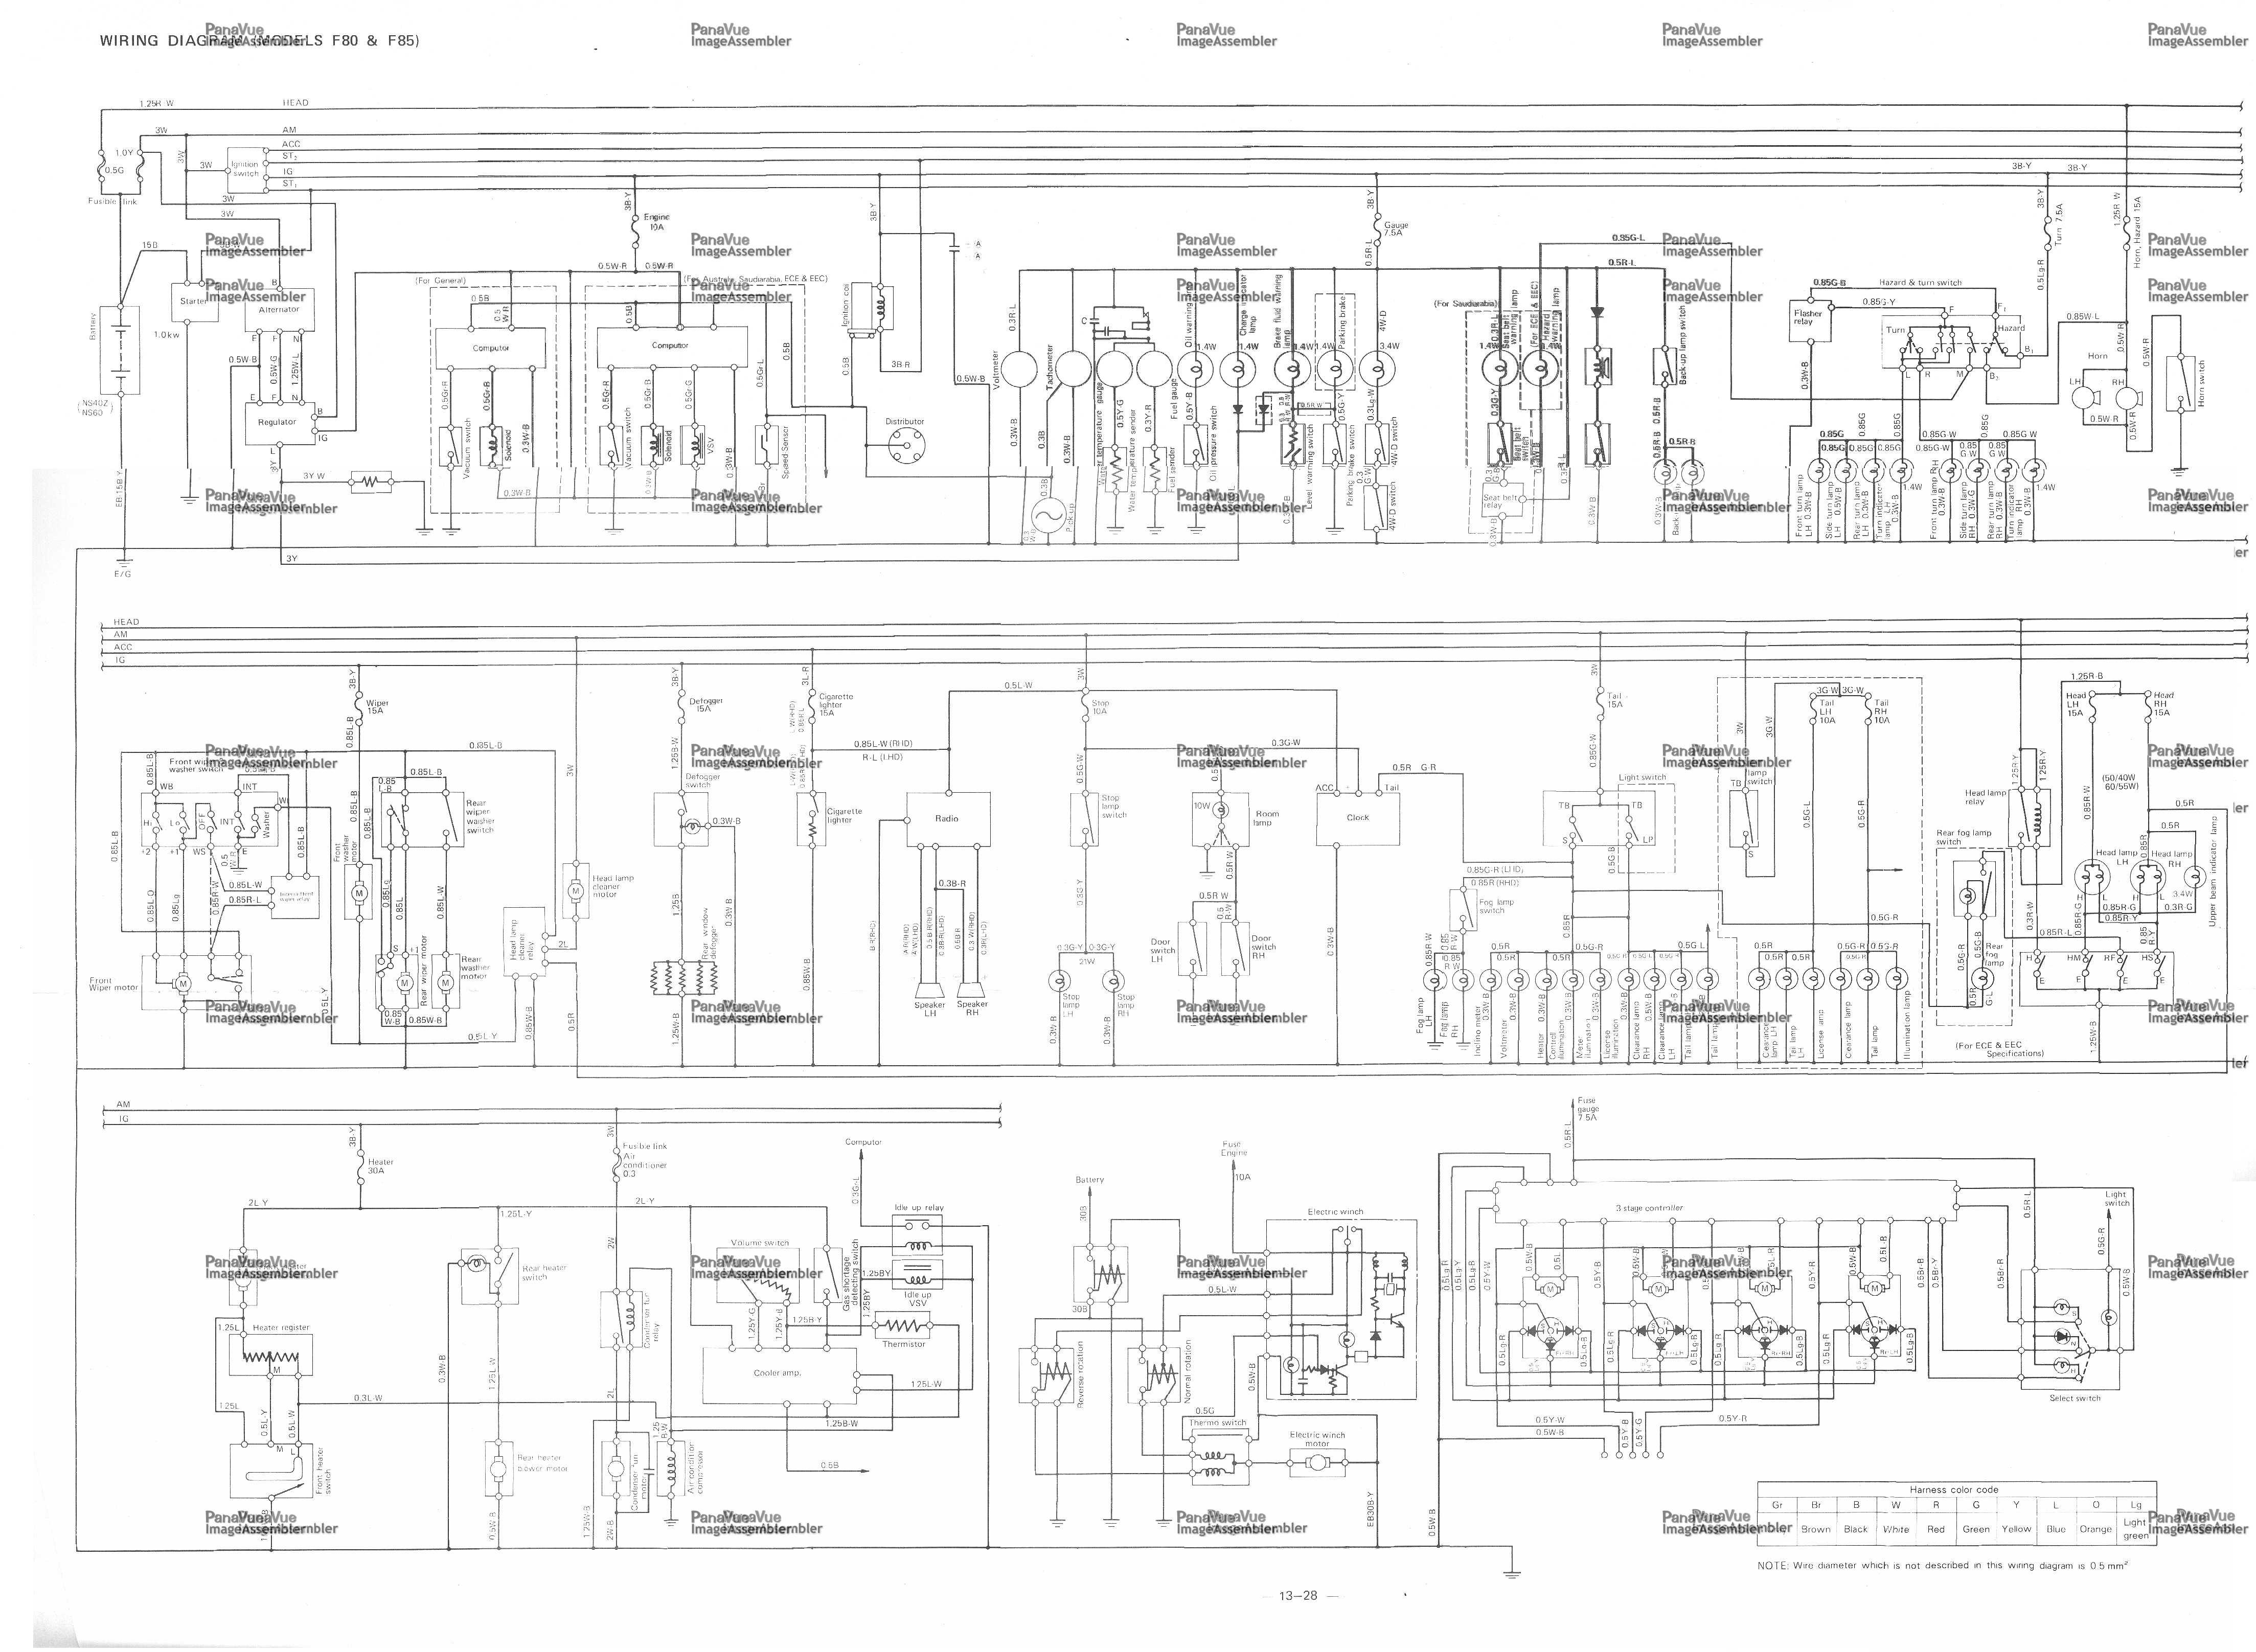 Astonishing Suzuki Ignis Fuse Box Layout Images - Best Image Wiring ...